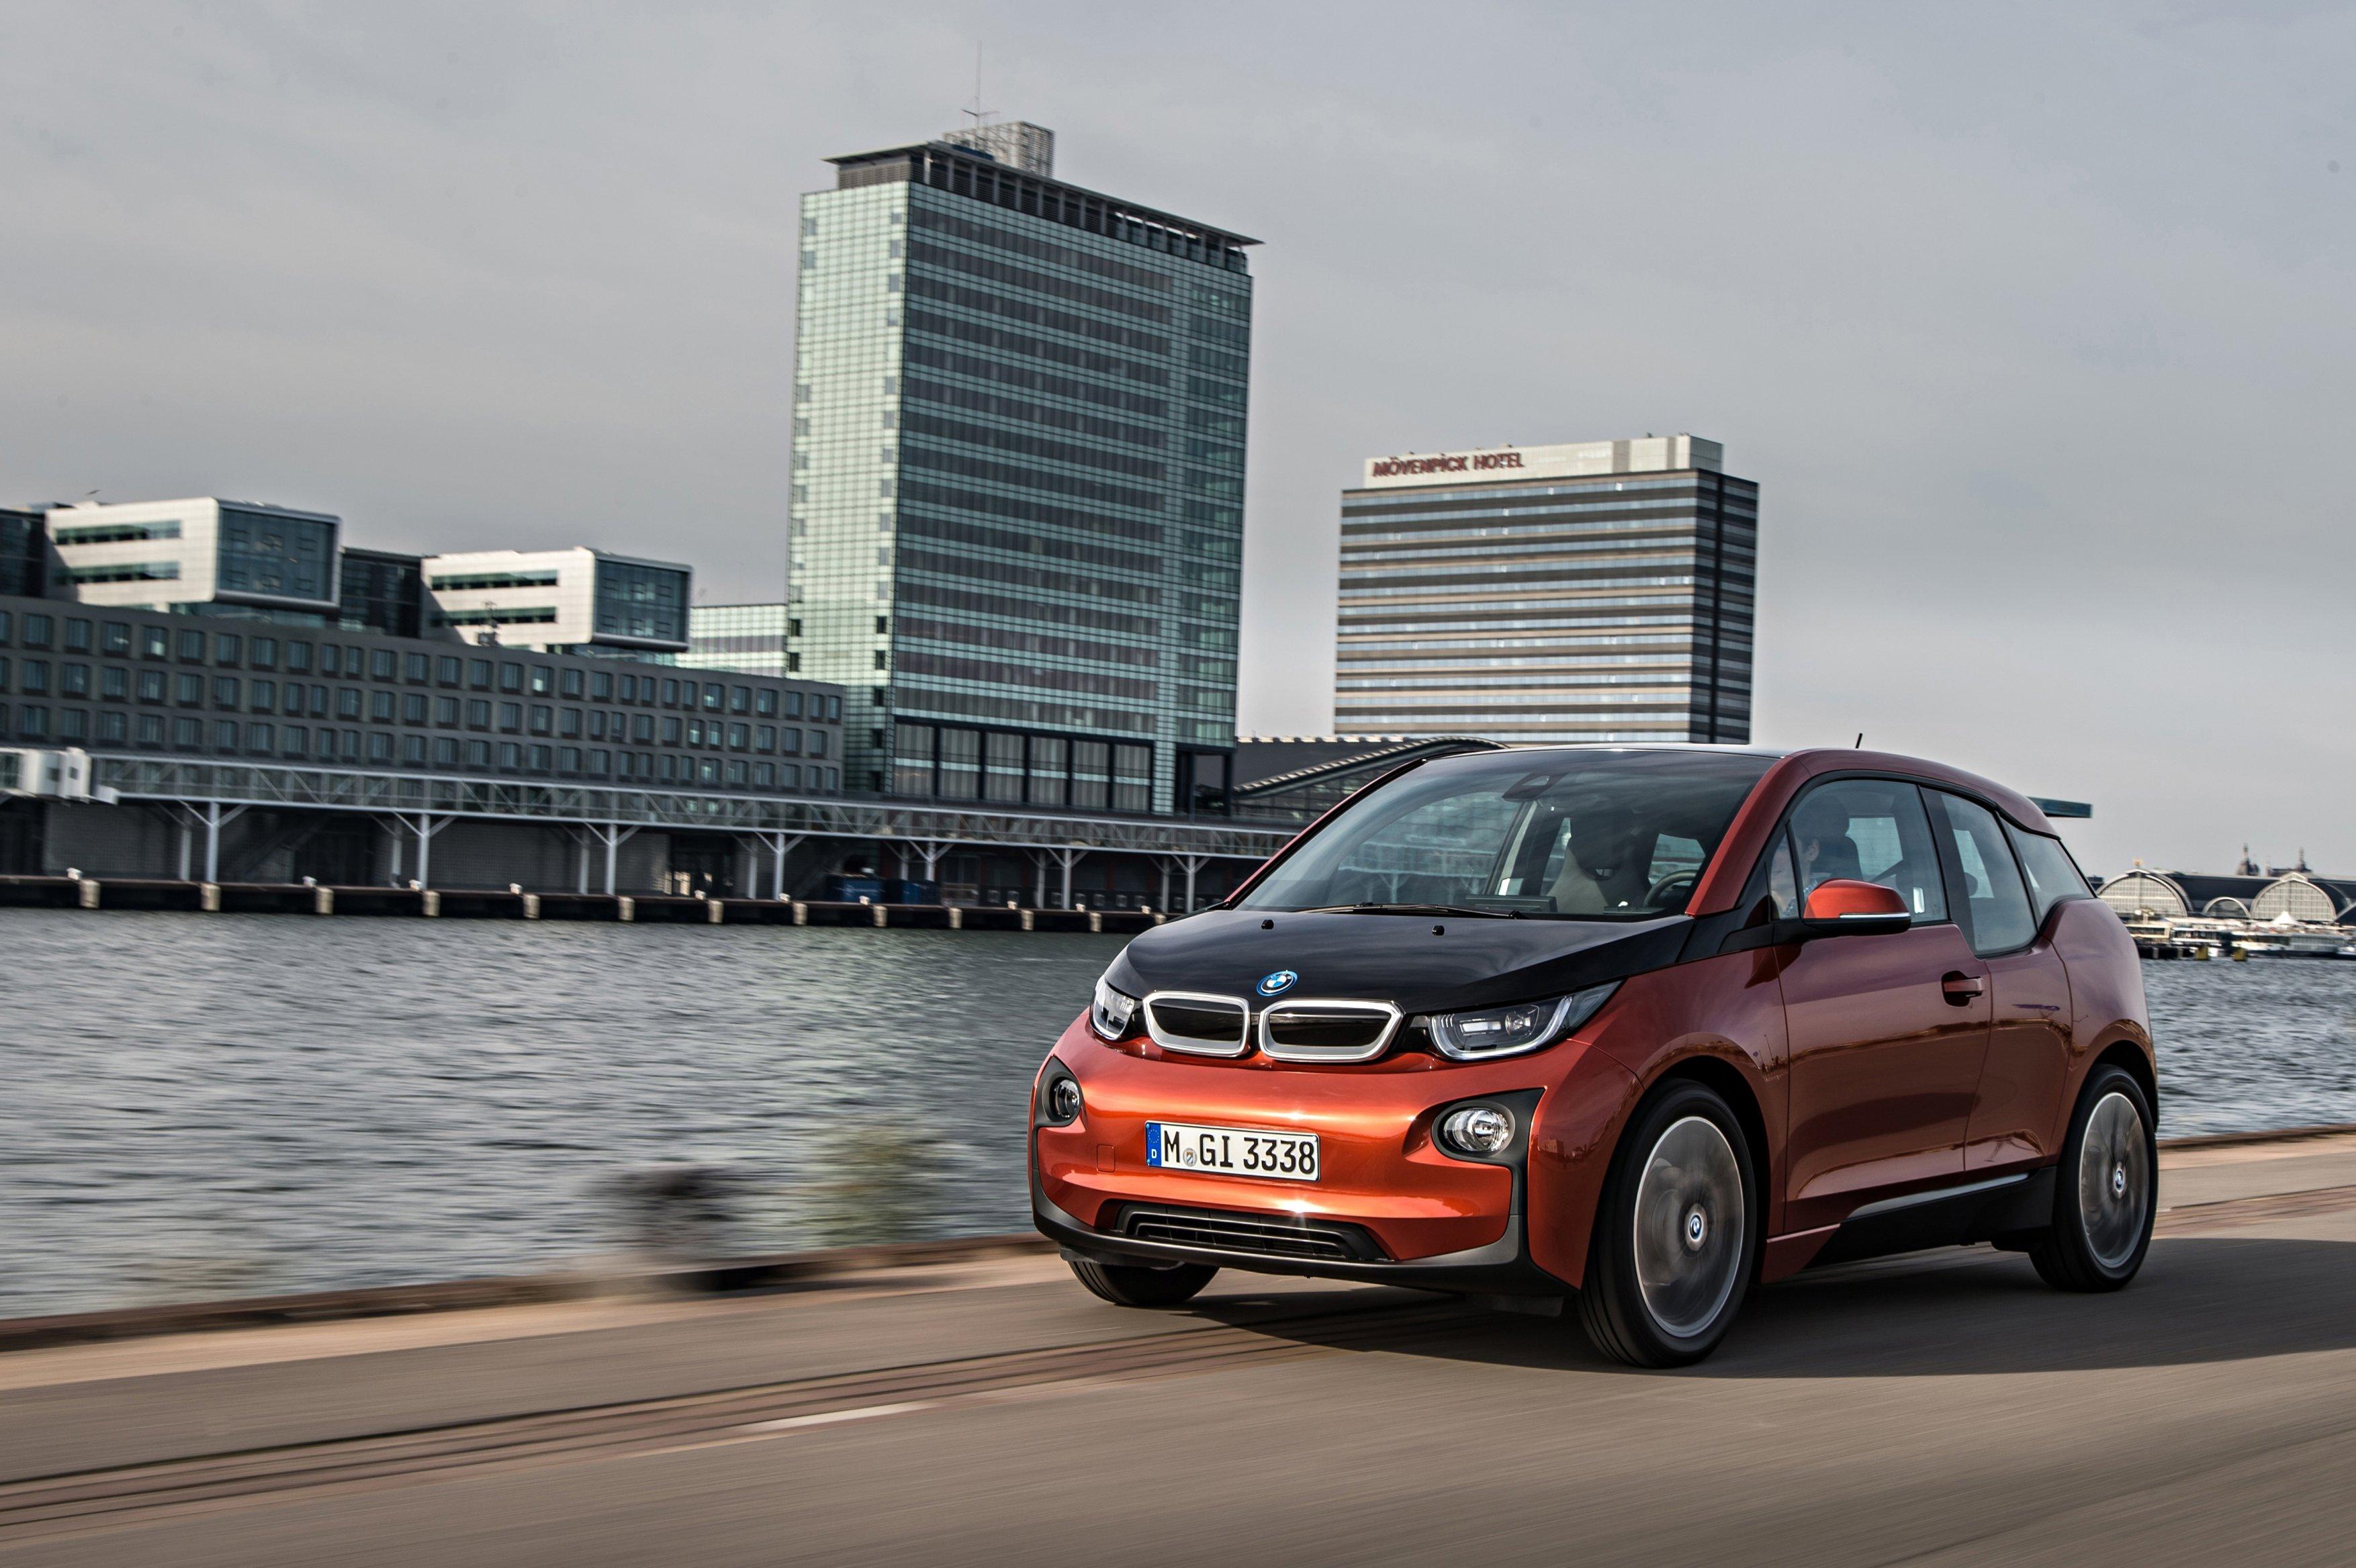 Elektroauto i3 von BMW: Deutsche Autobauer gehören zu den forschungsstärksten Unternehmen weltweit.